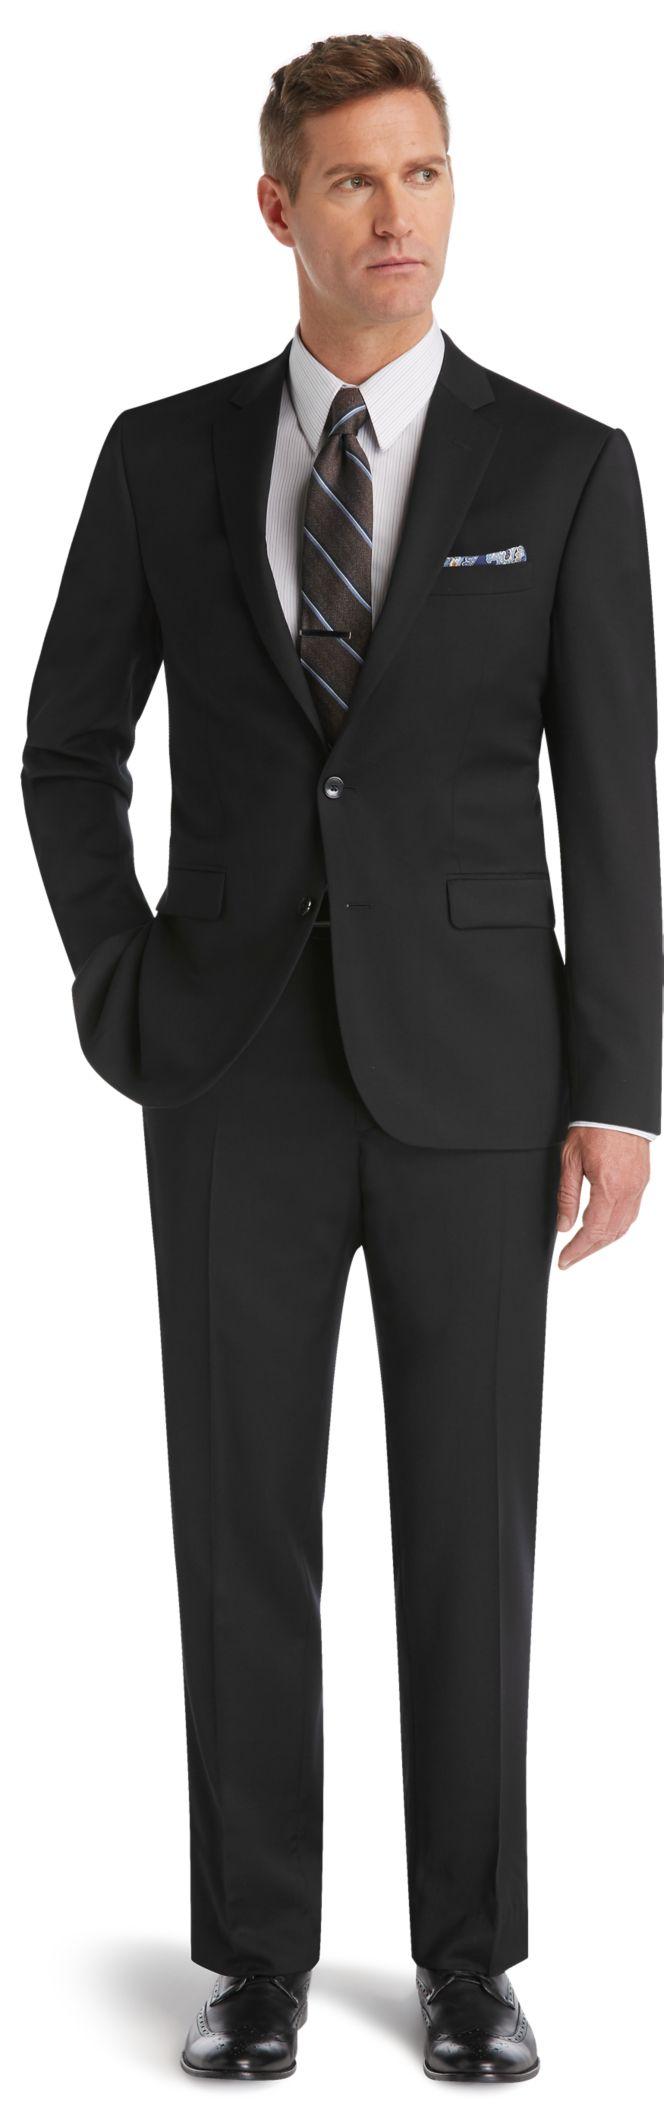 Suits   Buy Suit Deals, Grey Suits   JoS. A. Bank Clothiers